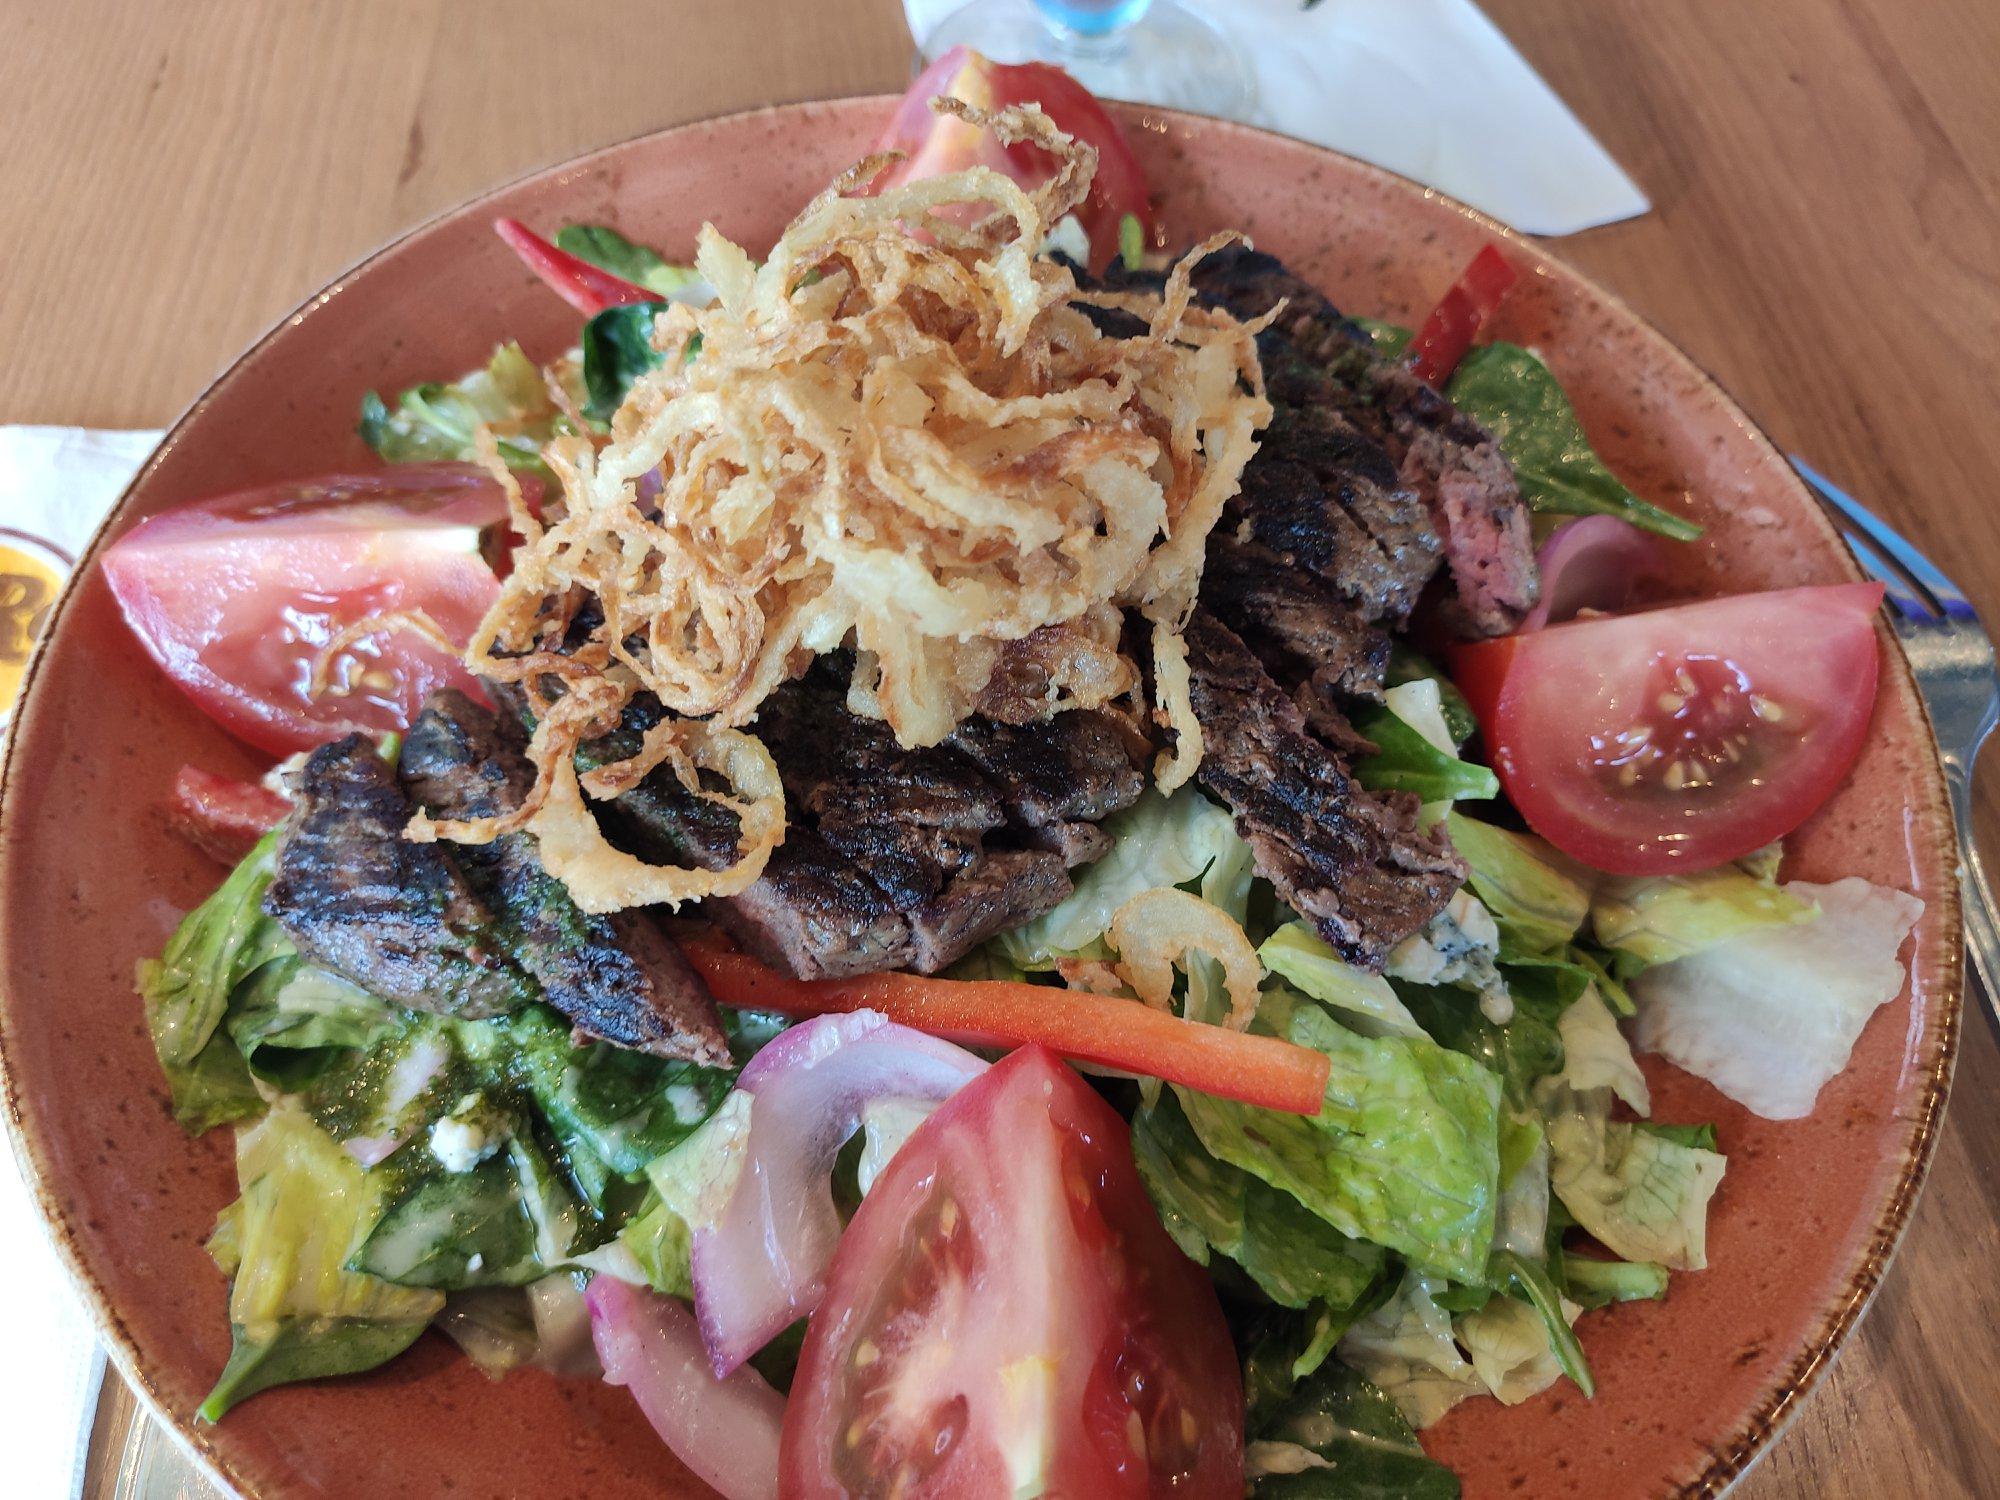 Parmi les succès de la nouvelle carte, la steak salad, très réussie : tranches de bœuf grillées sur un lit de salades mélangées, vinaigrette au fromage bleu, oignons rouges croustillants, poivrons rouges, tomates , oignons grilles et d'éclats de fromage bleu